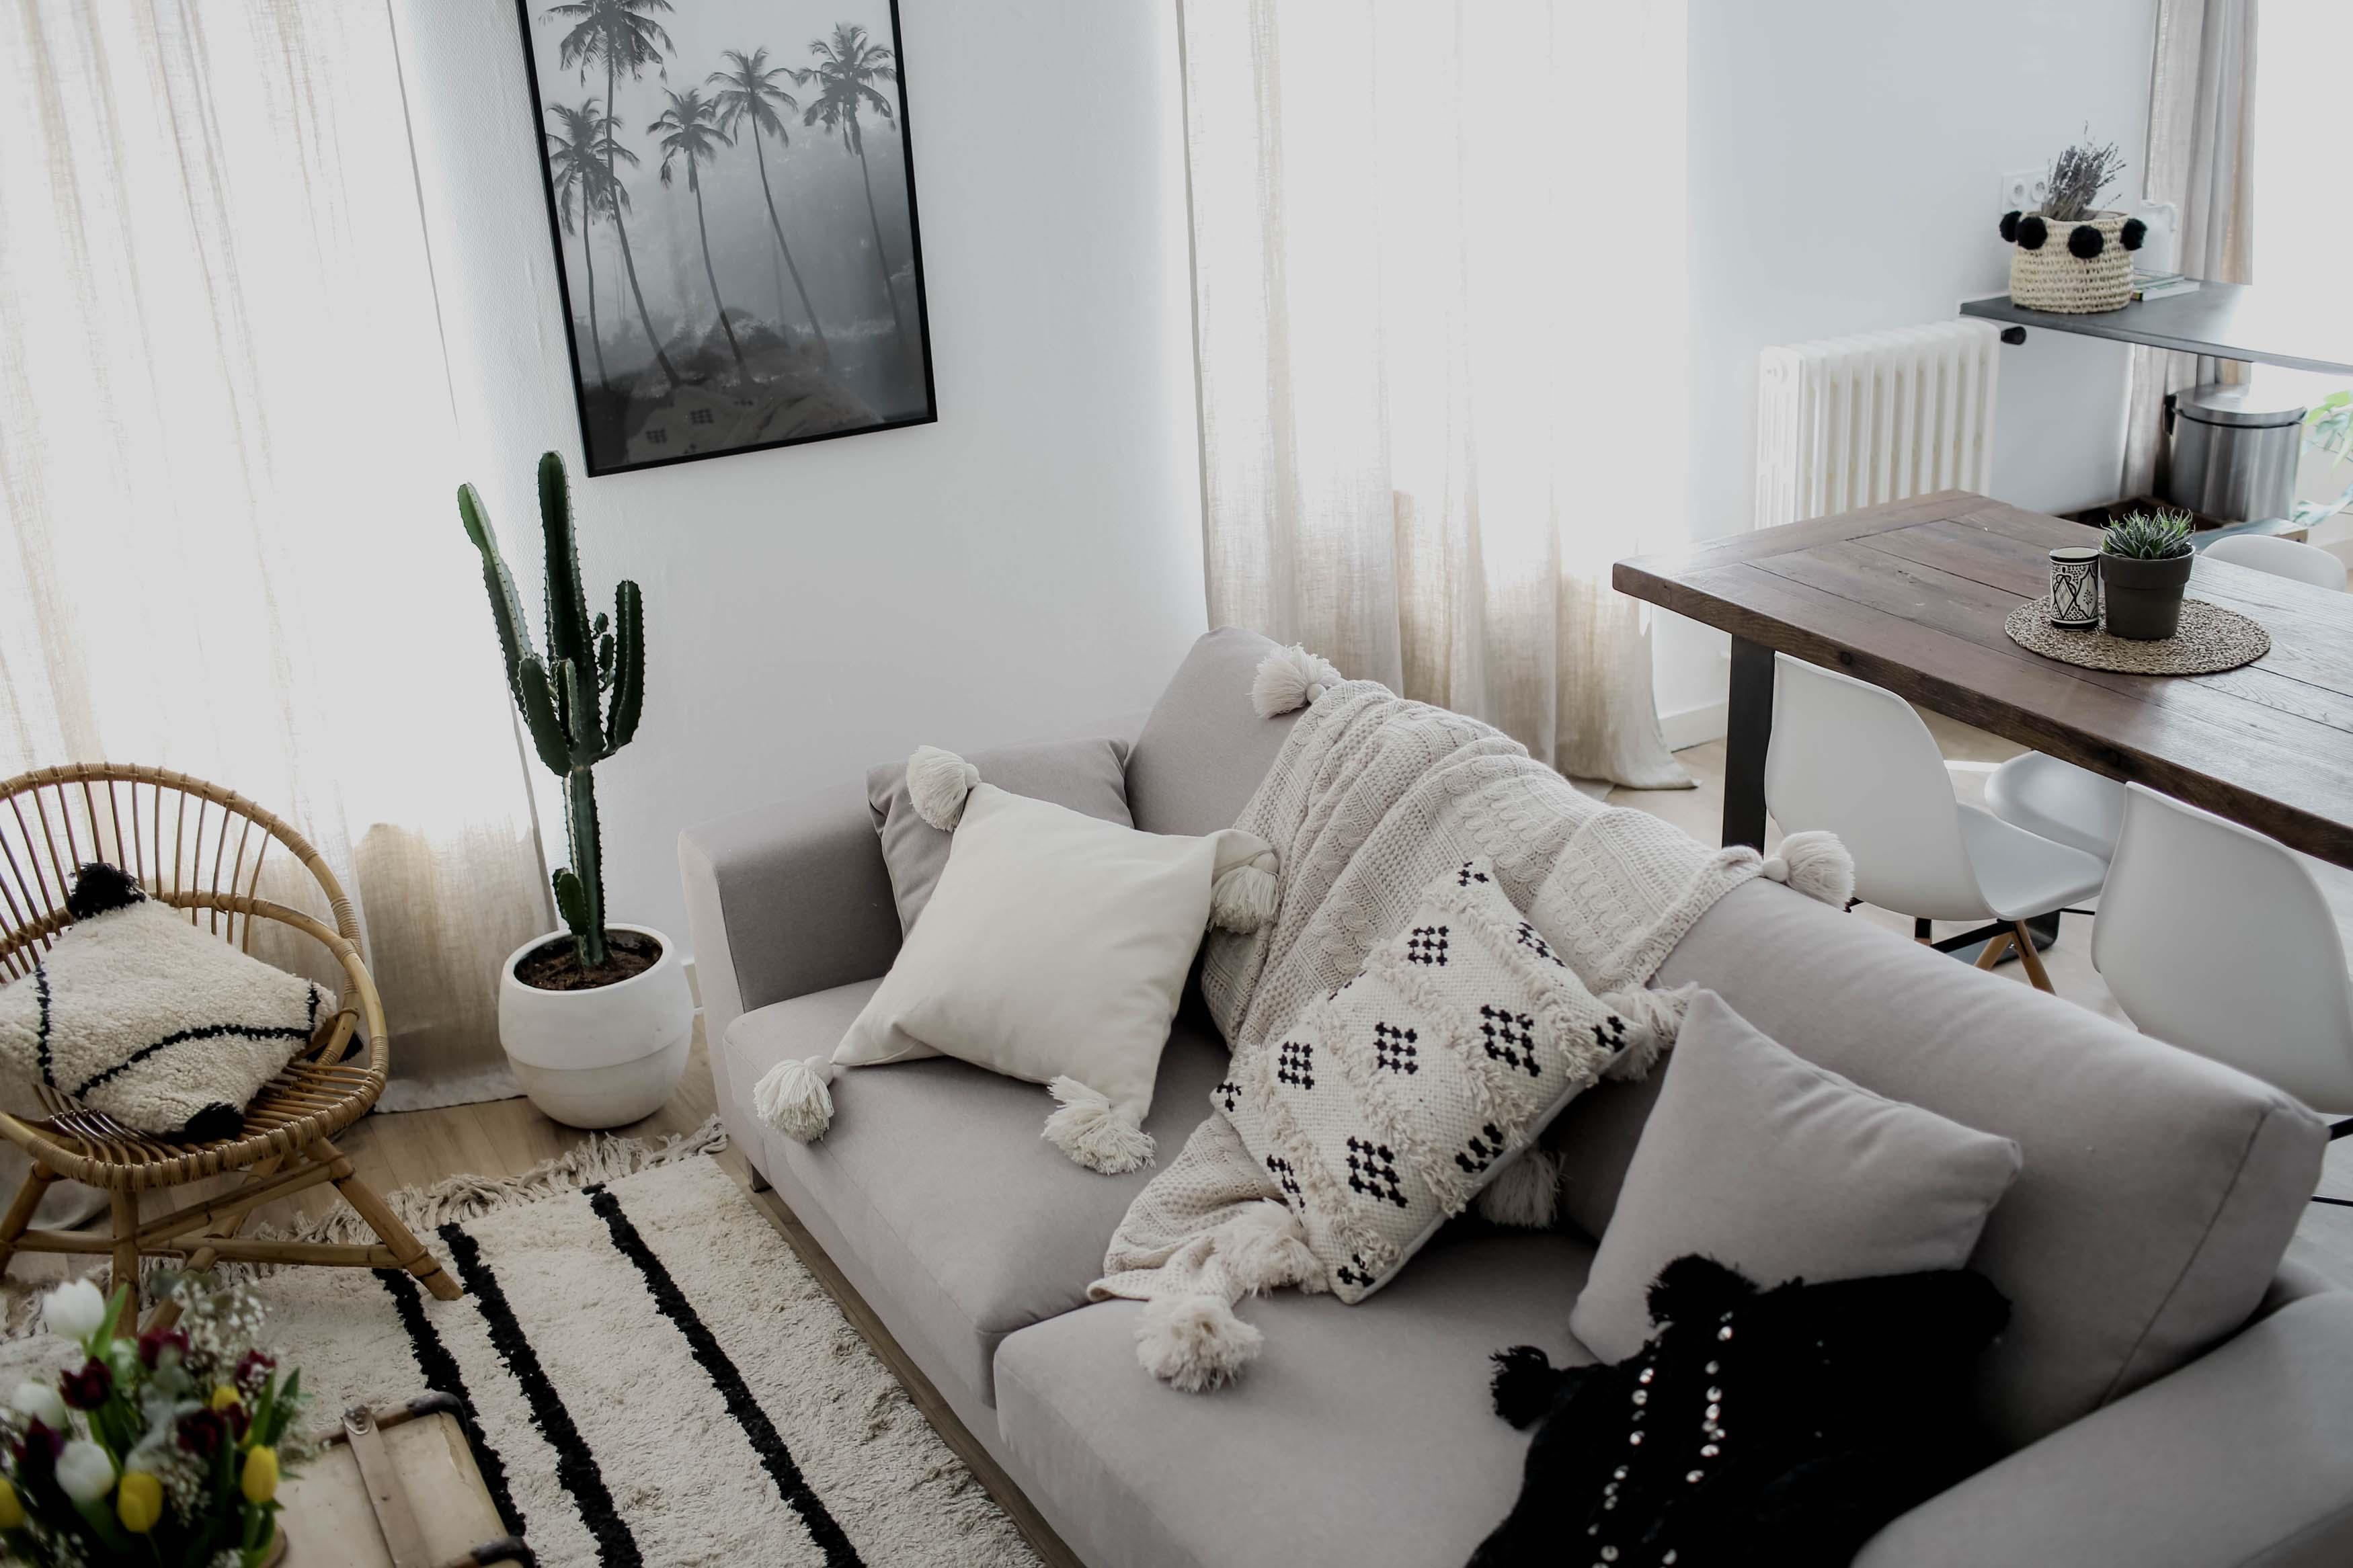 Cadre Au Dessus Du Canapé room tour : mon salon l'instant flo